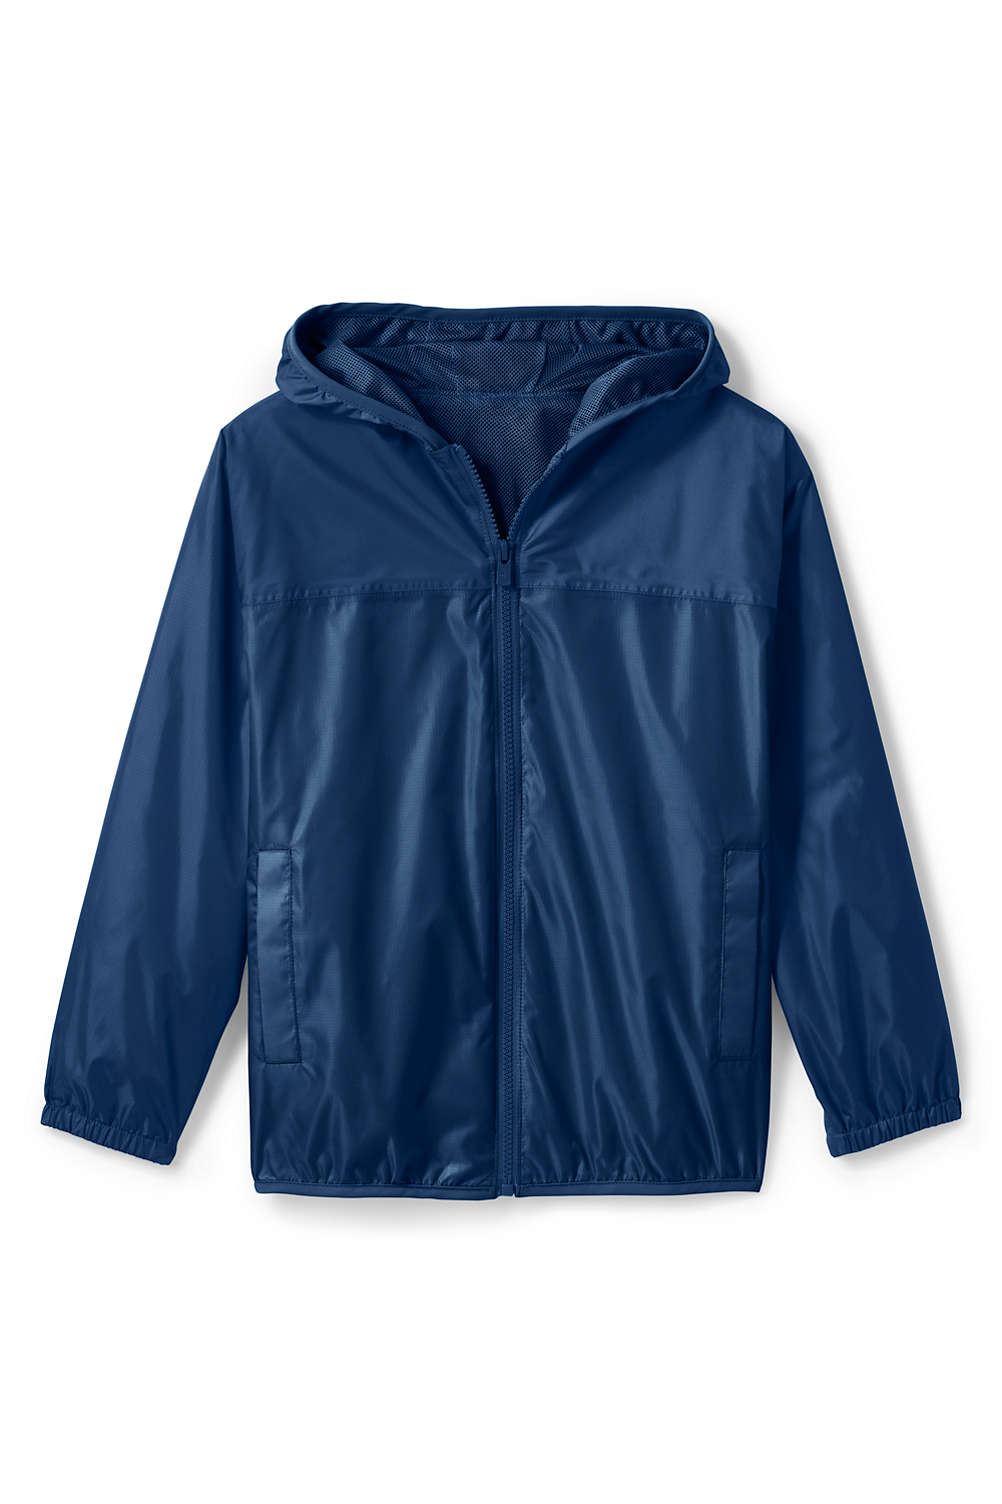 aa8580c9 Kids Waterproof Rain Jacket from Lands' End